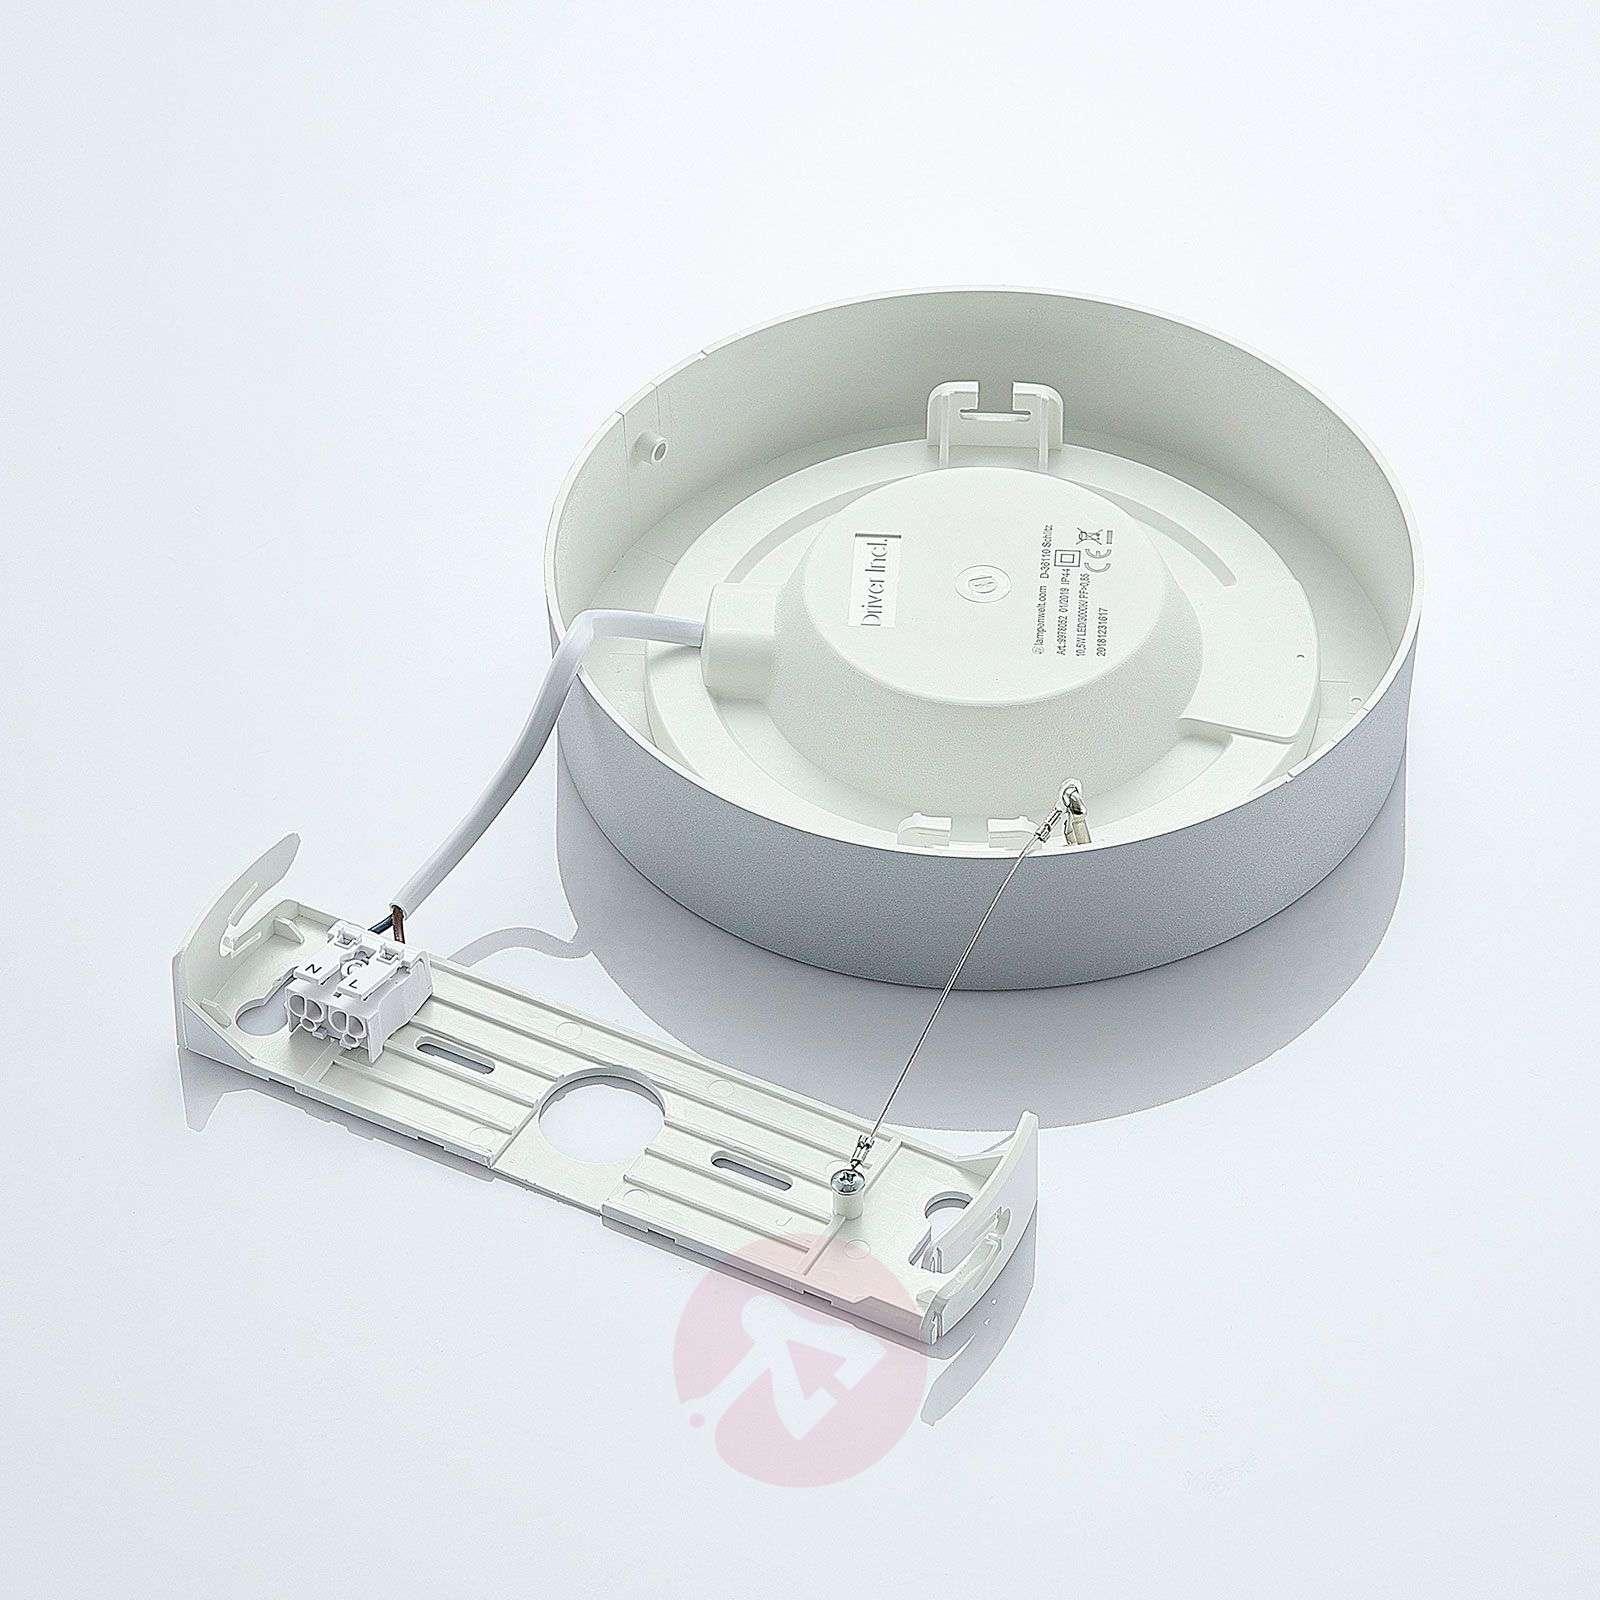 LED-kattovalo Marlo hopea 3000K pyöreä 18,2 cm-9978052-02